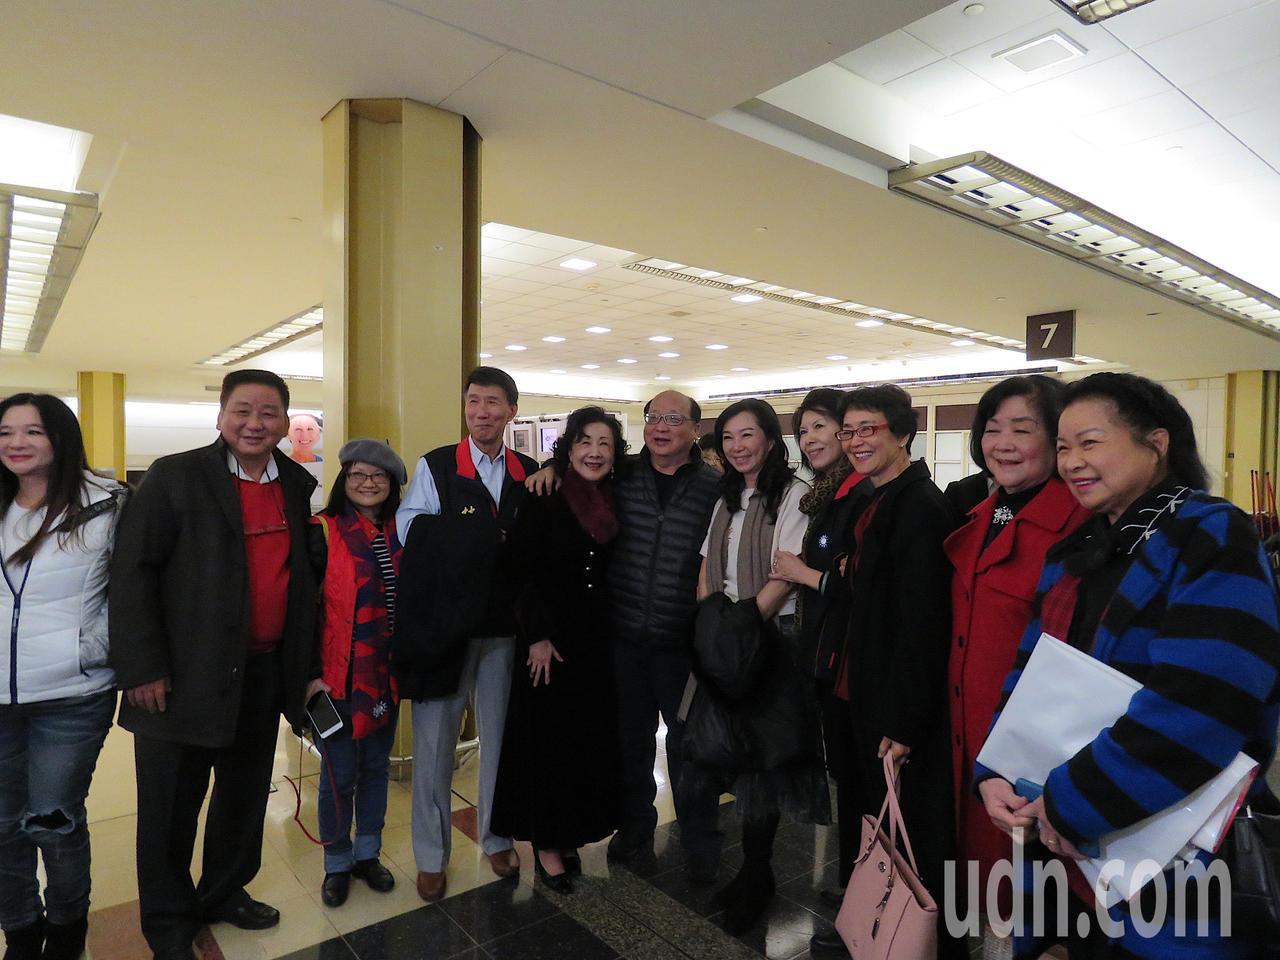 國民黨總統候選人韓國瑜妻子李佳芬、台中市前市長胡志強、邵曉鈴夫婦等一行人6日抵達...